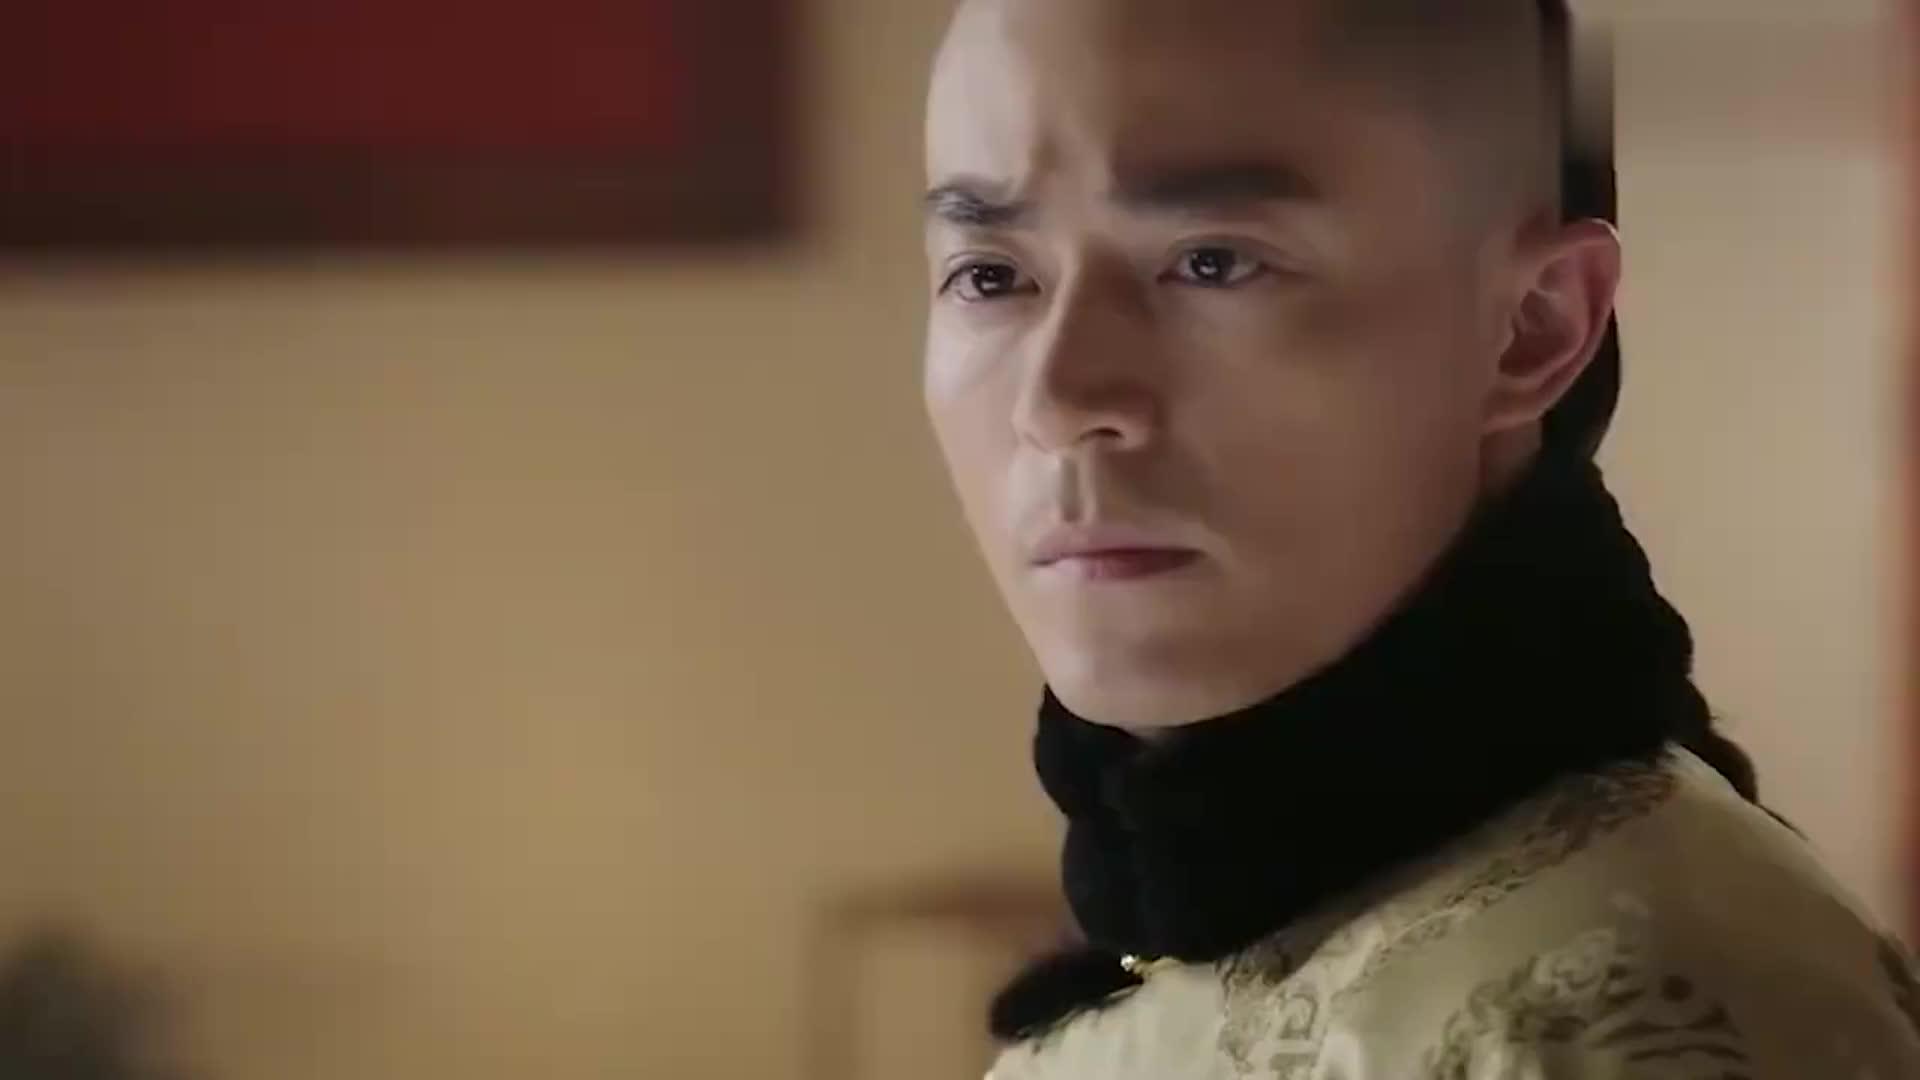 《如懿传》之后,霍建华无戏可拍?汪俊导演表示以后他没法接戏了